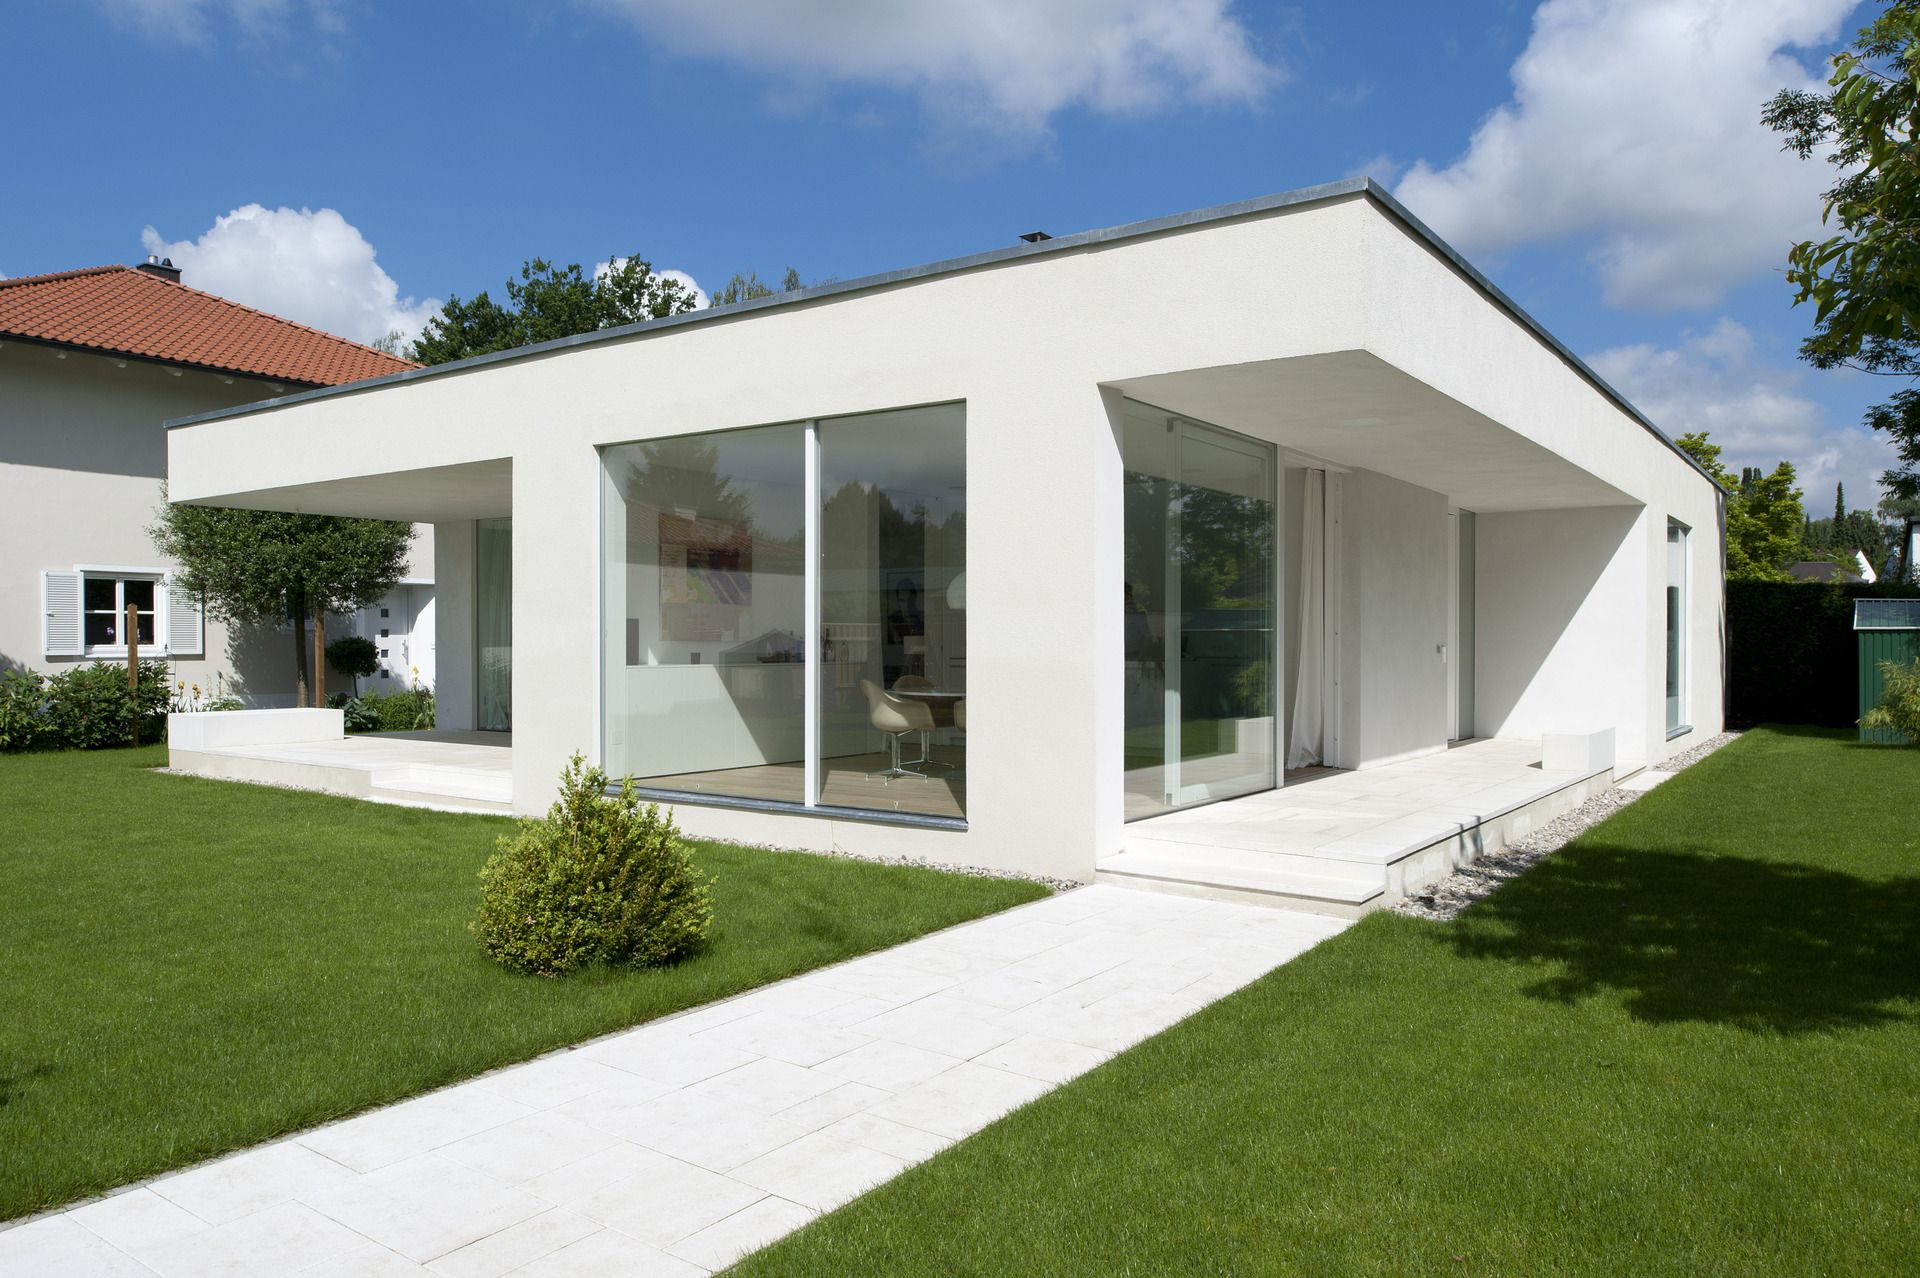 Aussenansicht   Weinkeller   Pinterest   Bungalow and Architecture